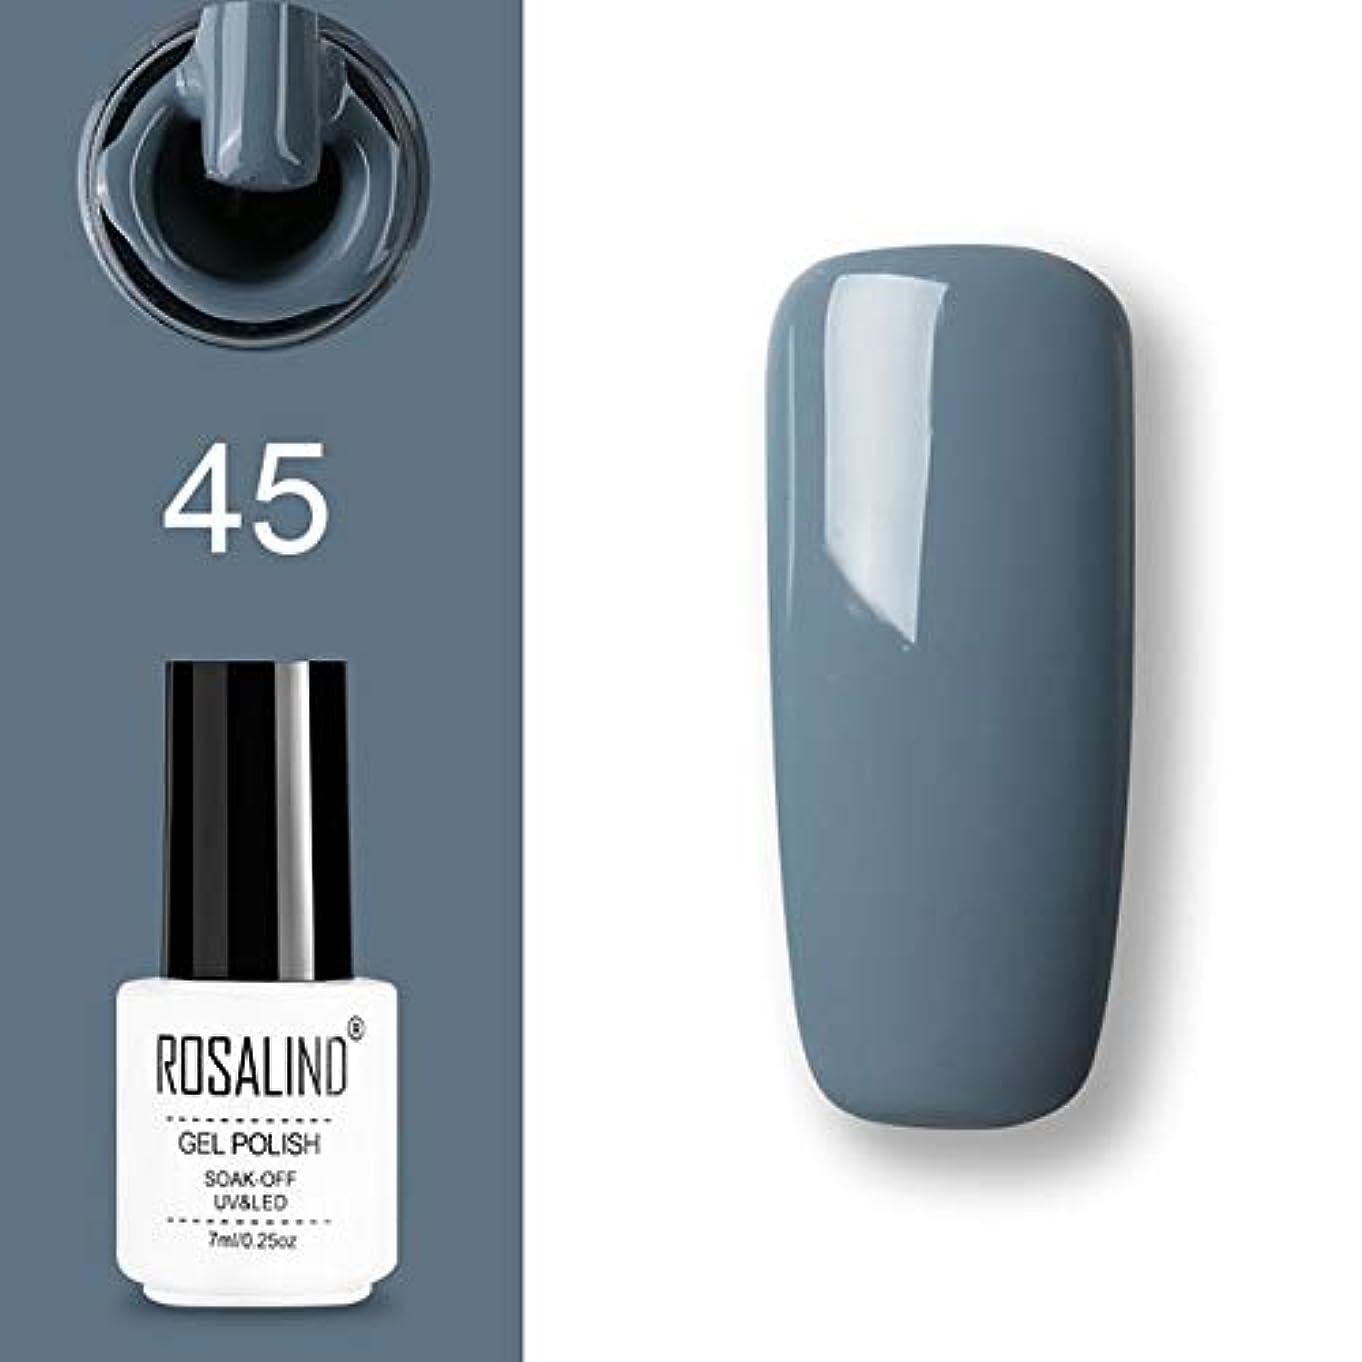 ファッションアイテム ROSALINDジェルポリッシュセットUV半永久プライマートップコートポリジェルニスネイルアートマニキュアジェル、容量:7ml 45ネイルポリッシュ 環境に優しいマニキュア